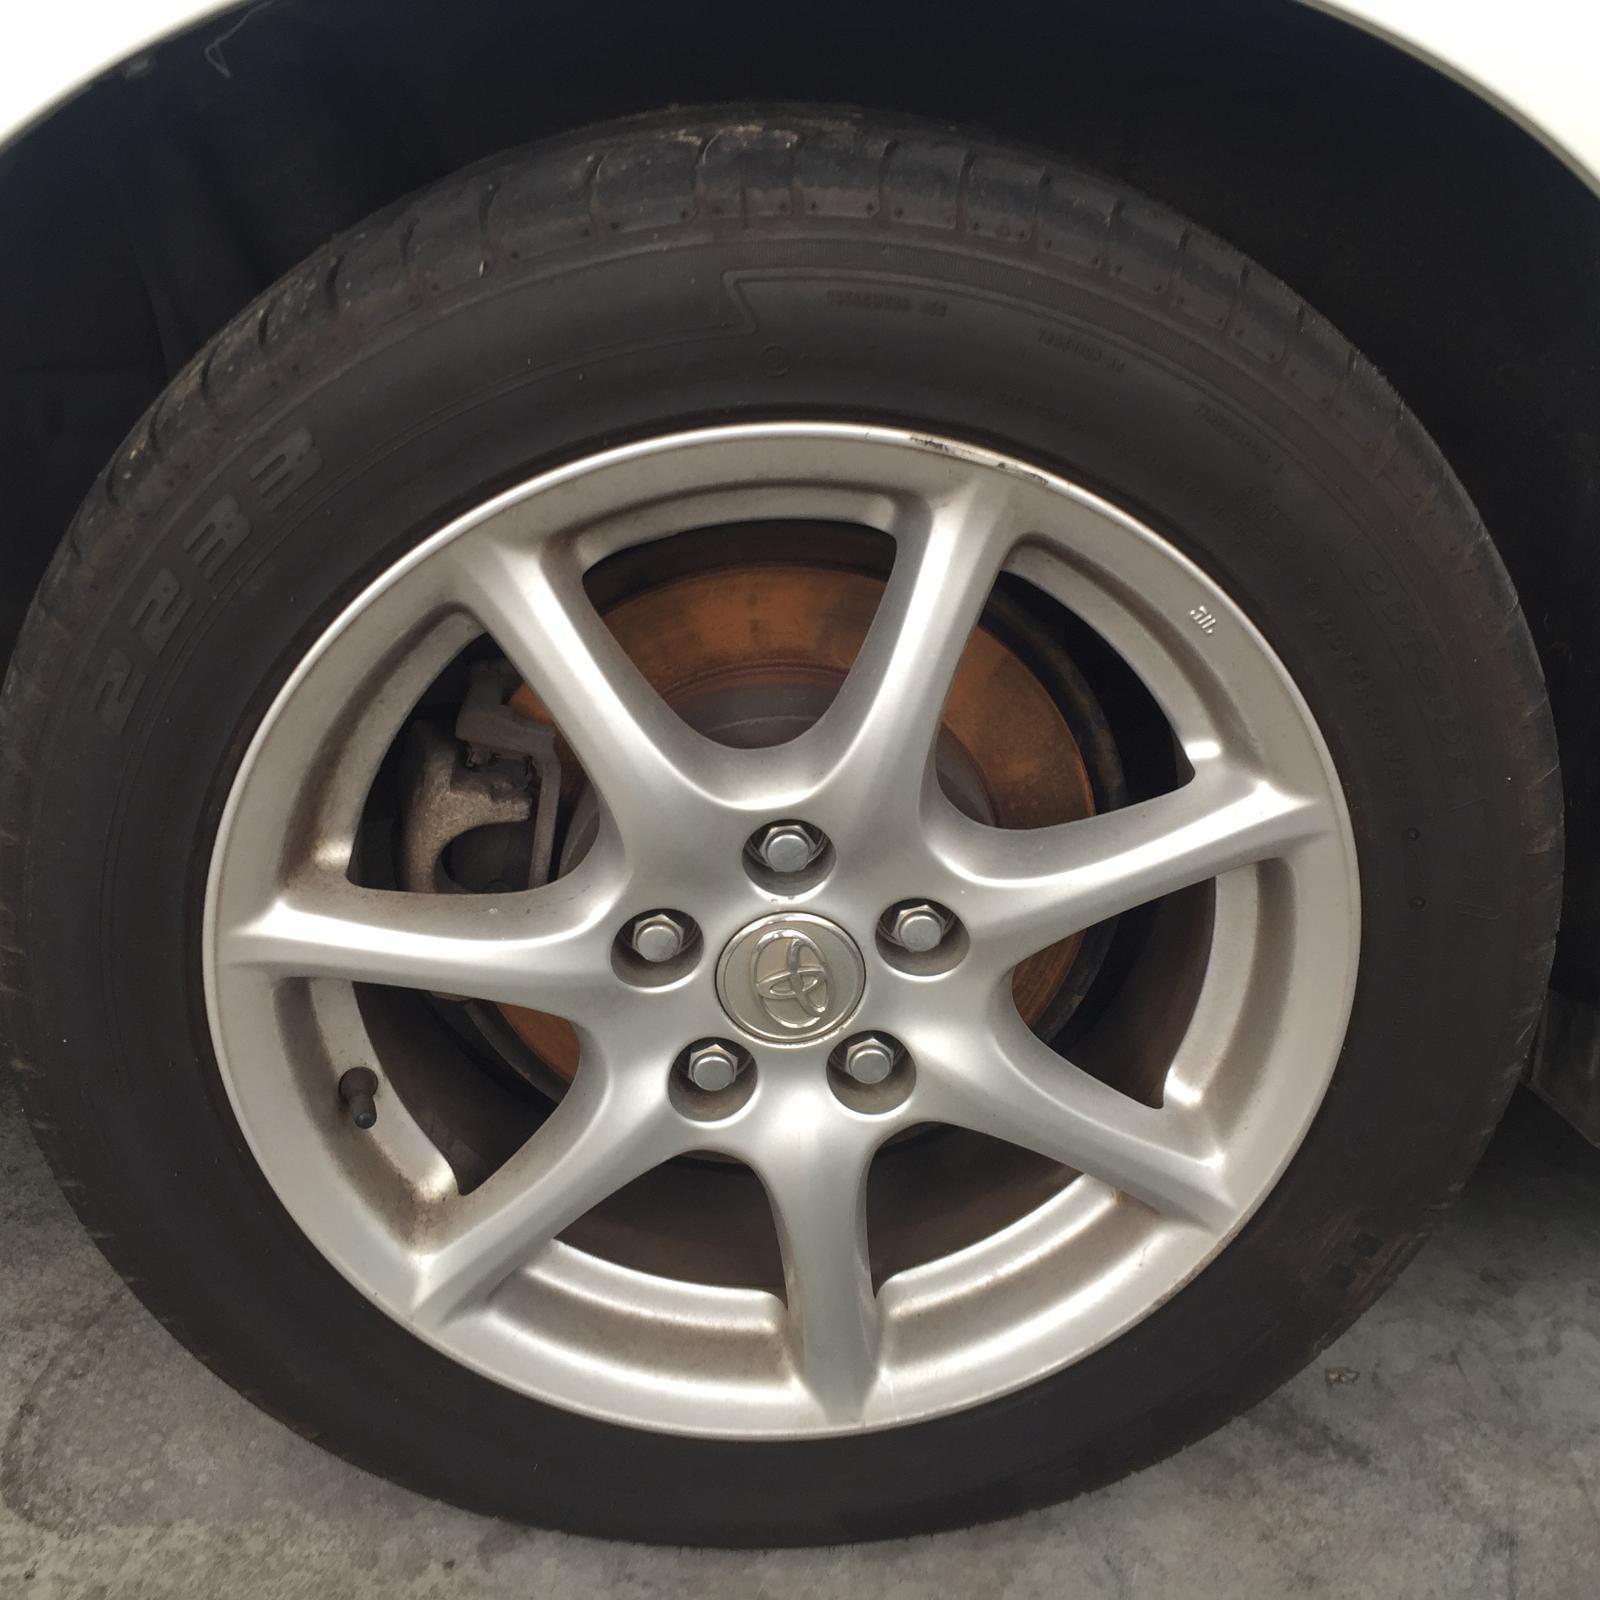 TOYOTA ESTIMA, Wheel Mag, XR50, 05-